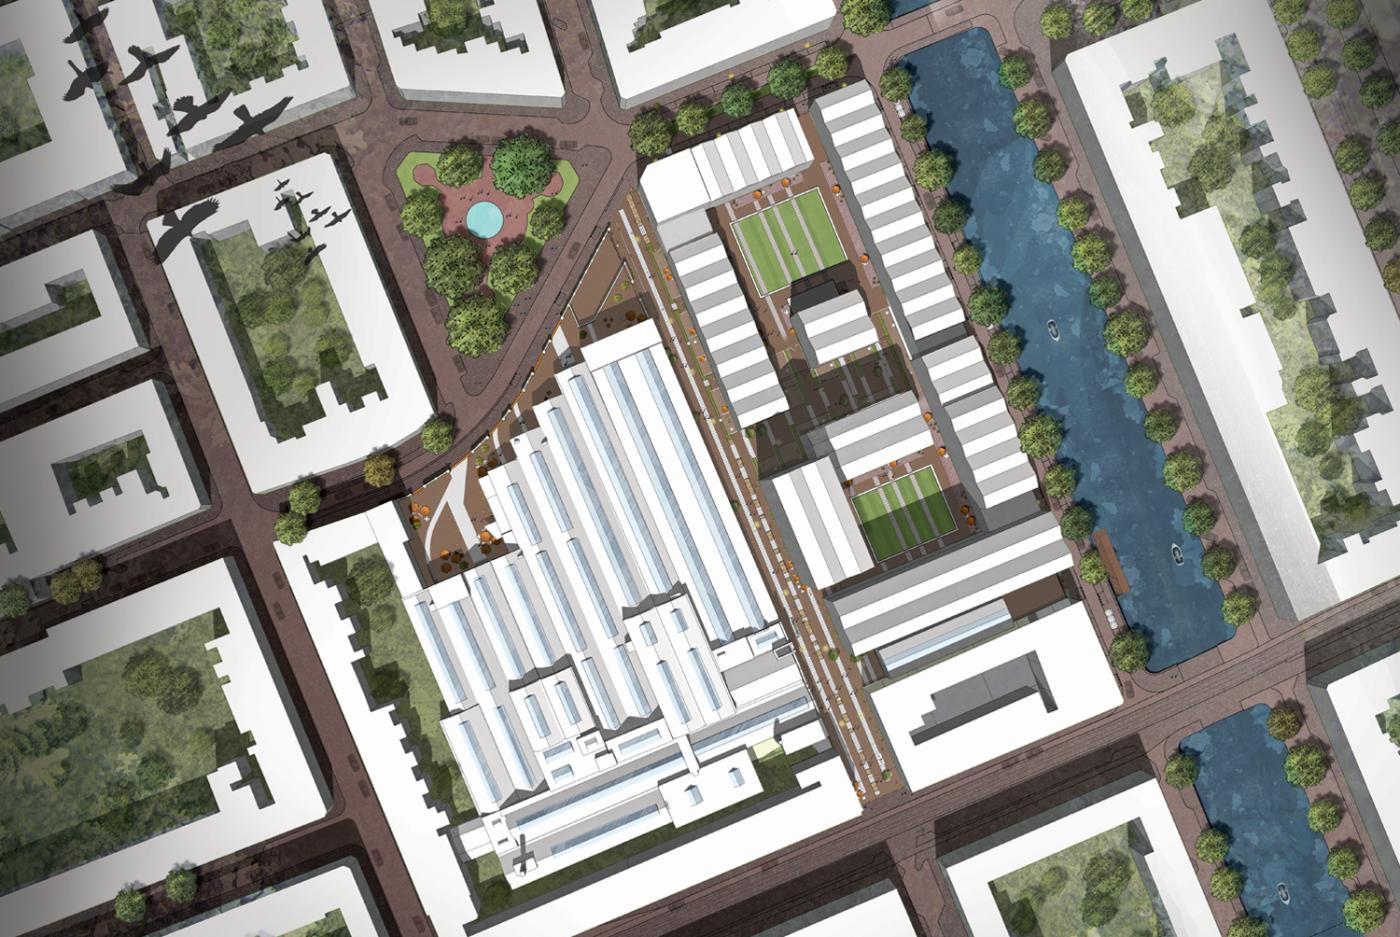 3-buro-sant-en-co-landschapsarchitectuur-openbareruimte-dehallen-amsterdam-west-bilderdijk-geheel-comlex